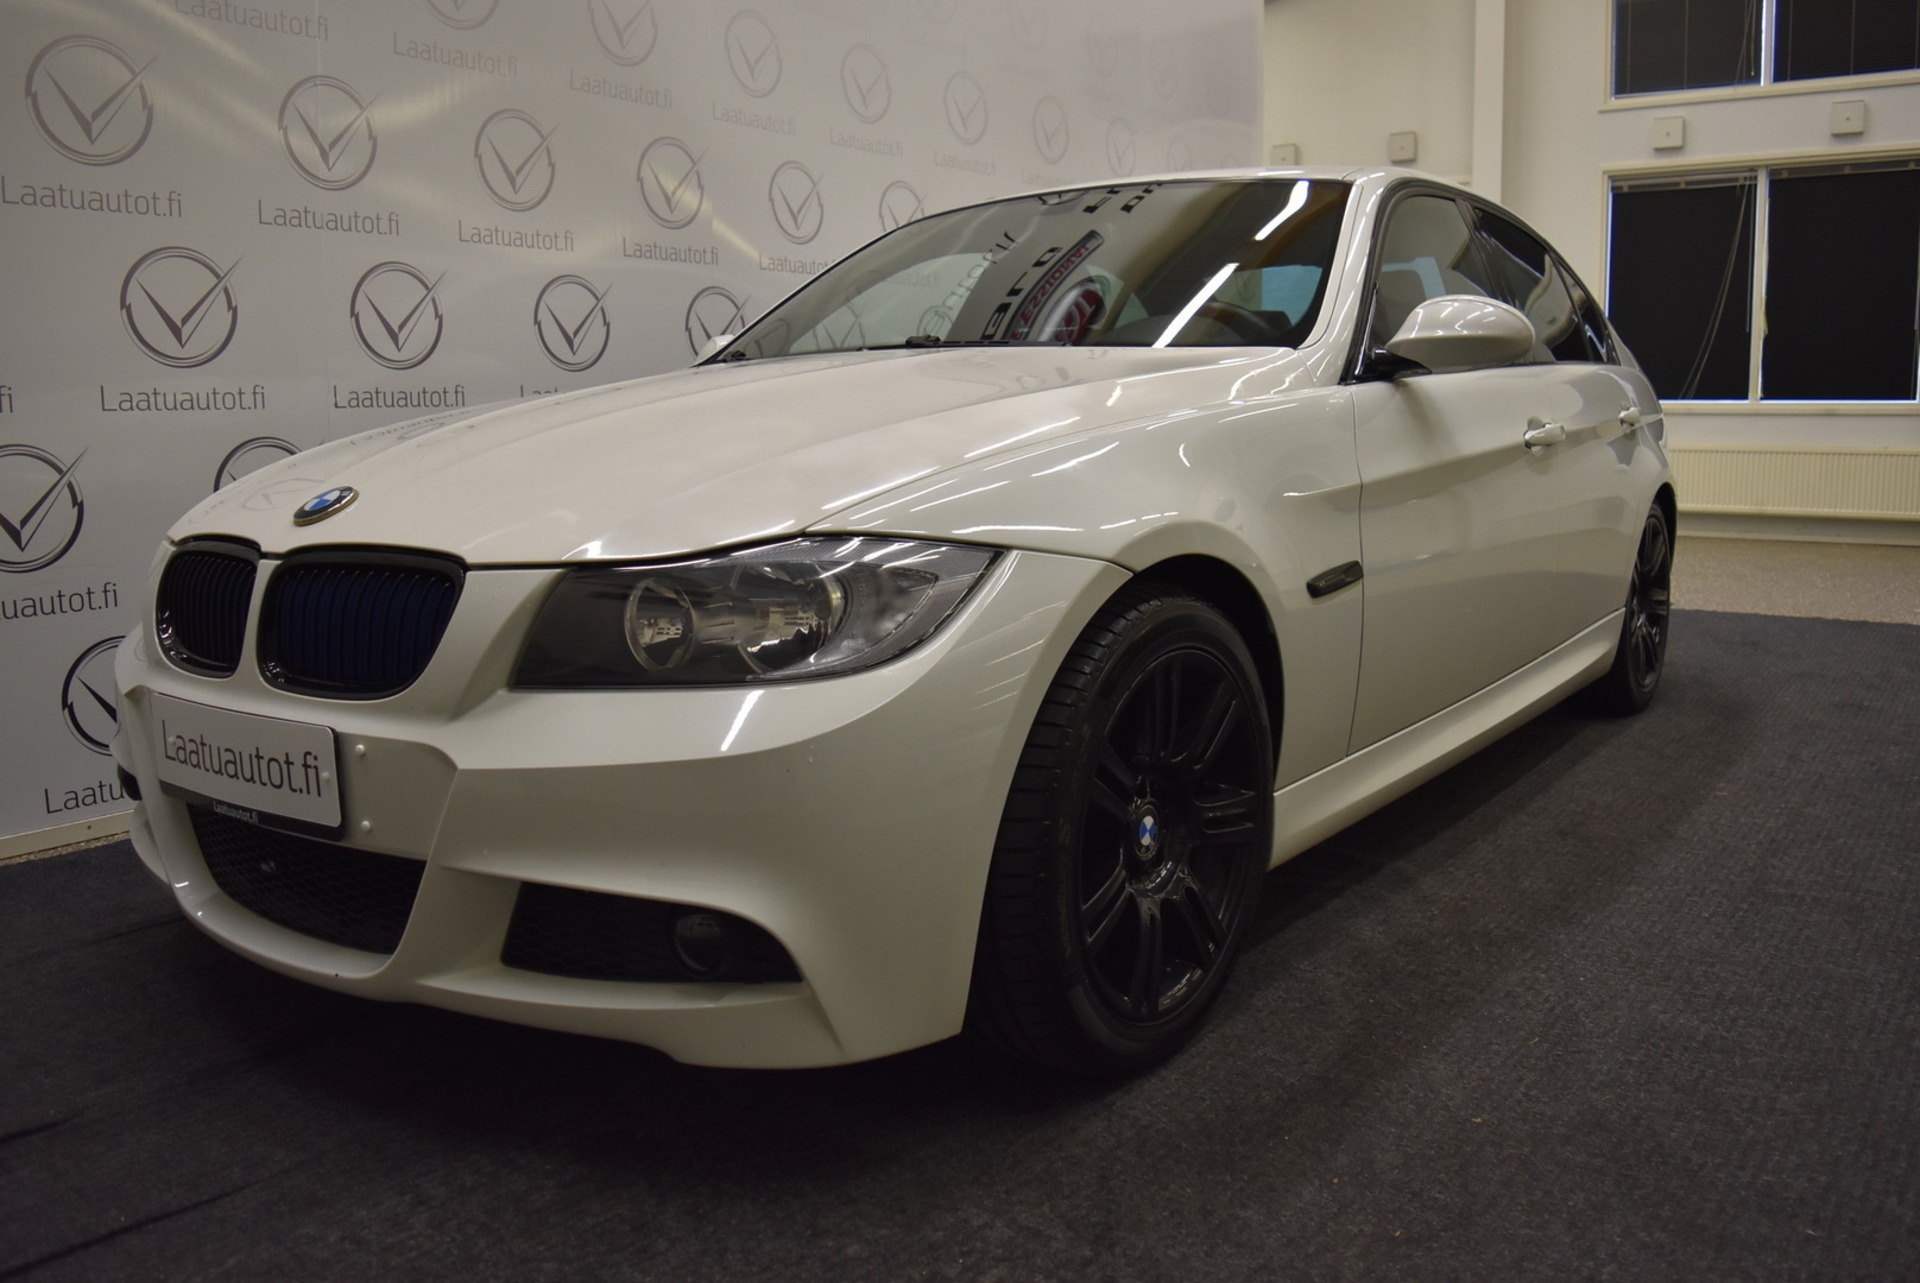 BMW 318 E90 Sedan - M-Sport! Jopa ilman käsirahaa! Rahoitustarjous: 1, 89% +kulut!